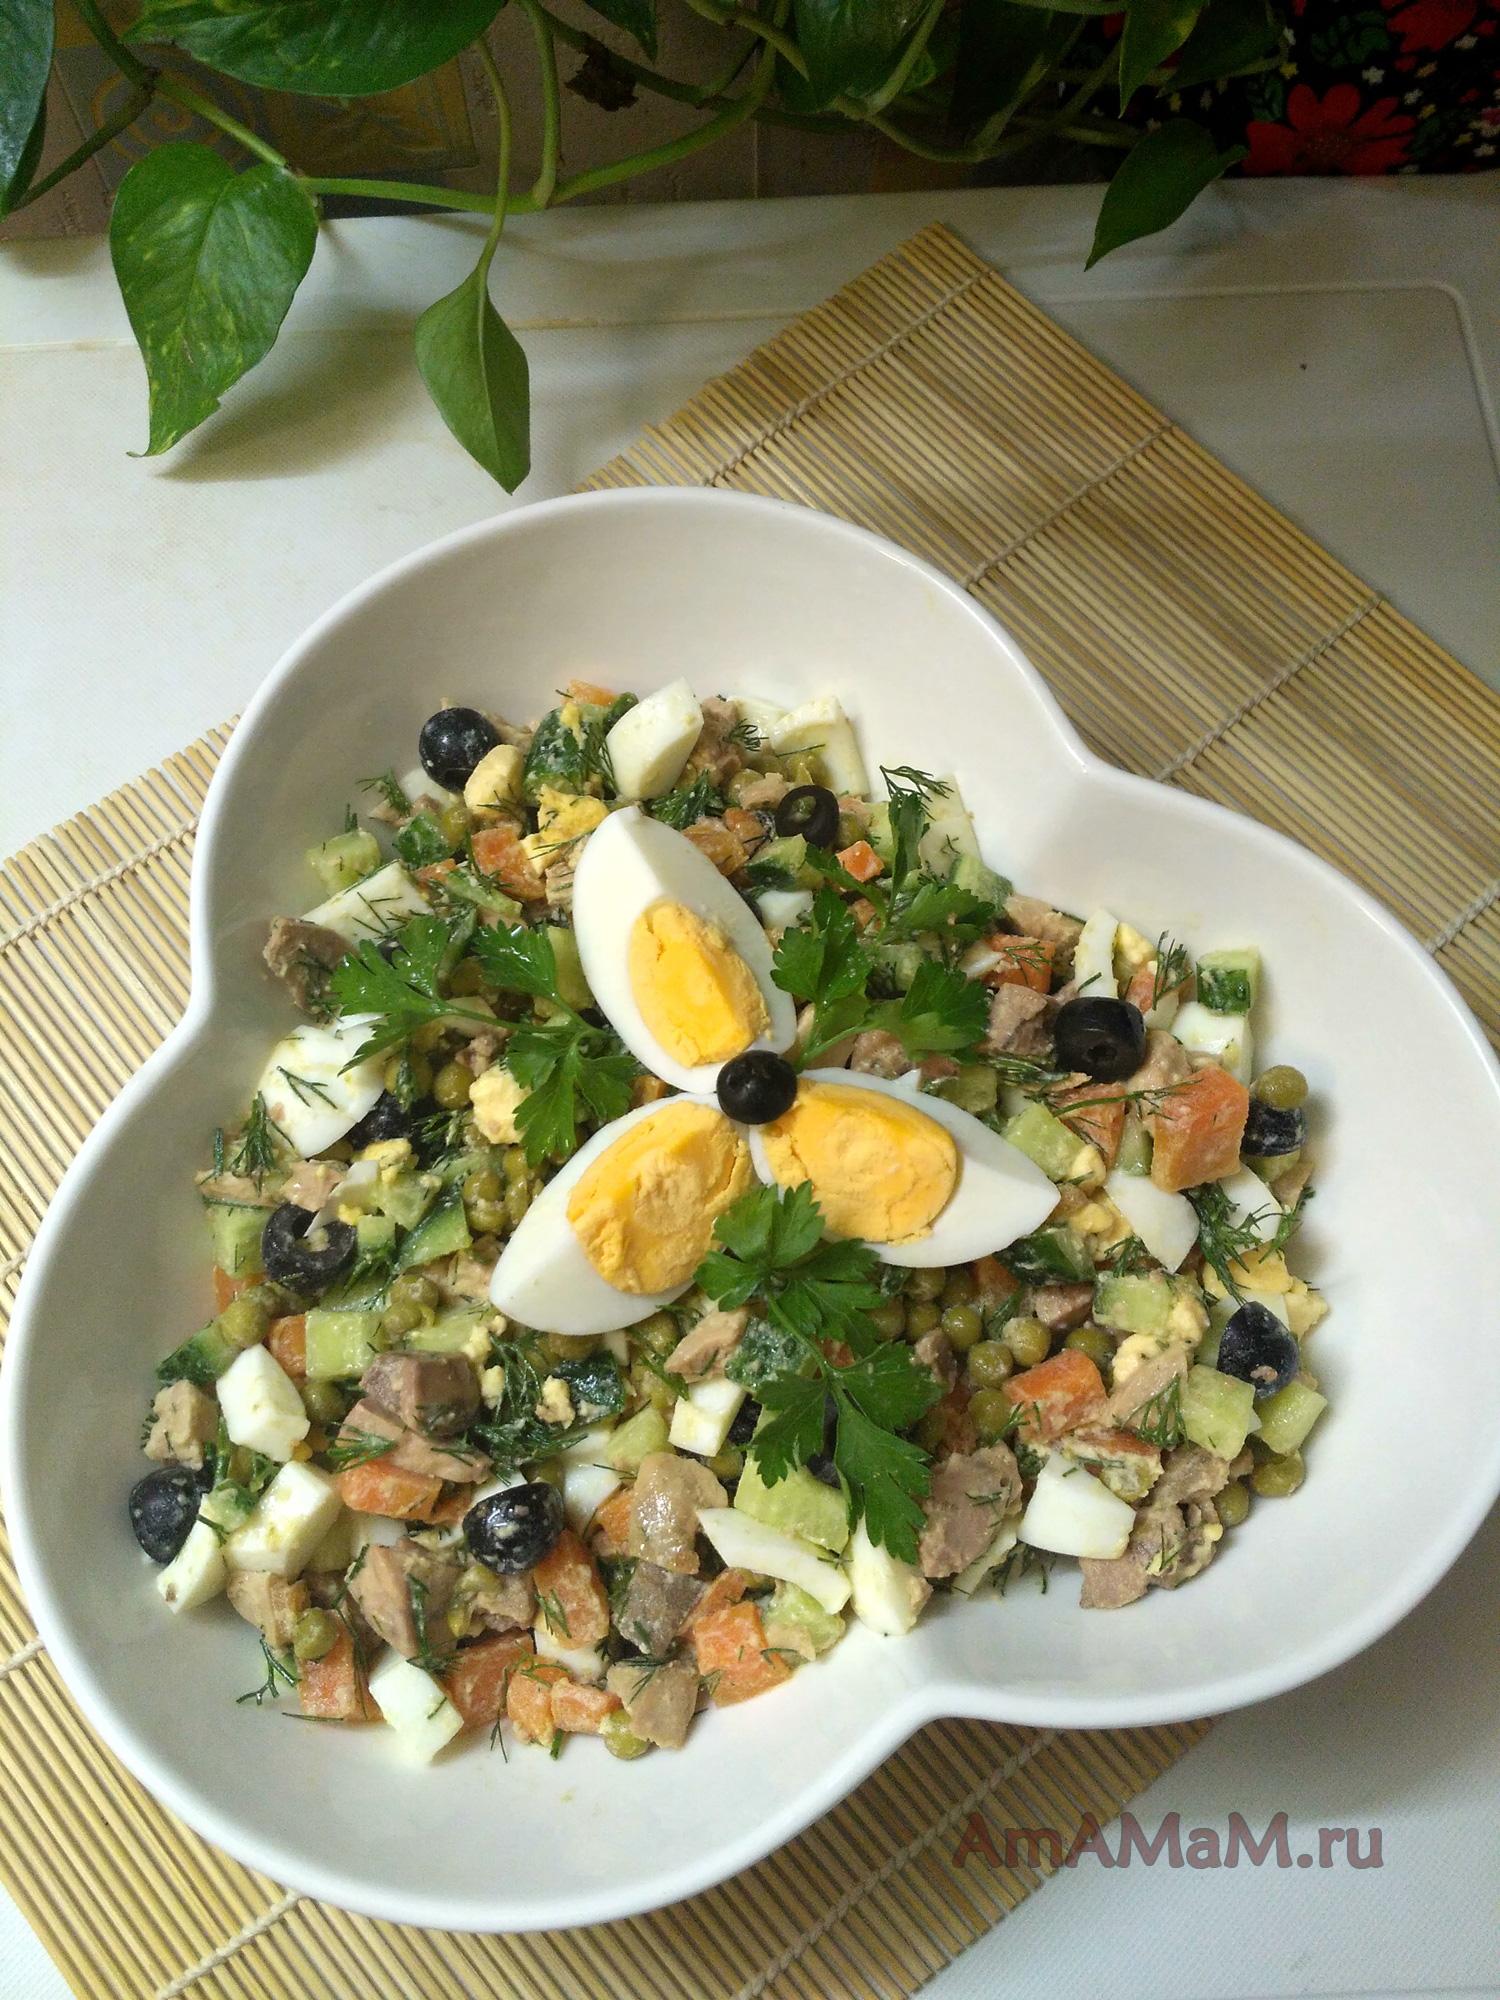 Салат с печенью трески с горошком рецепт 147